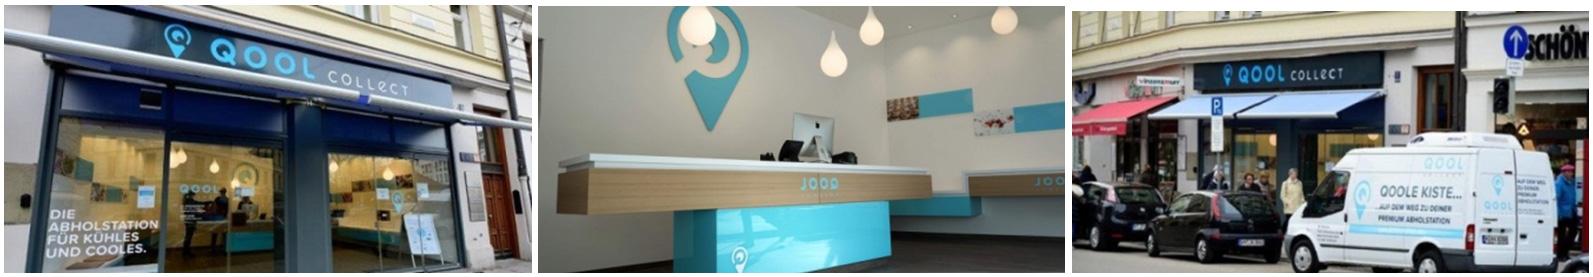 Abbildung: QOOL collect Store am Max-Weber-Platz 1 in München